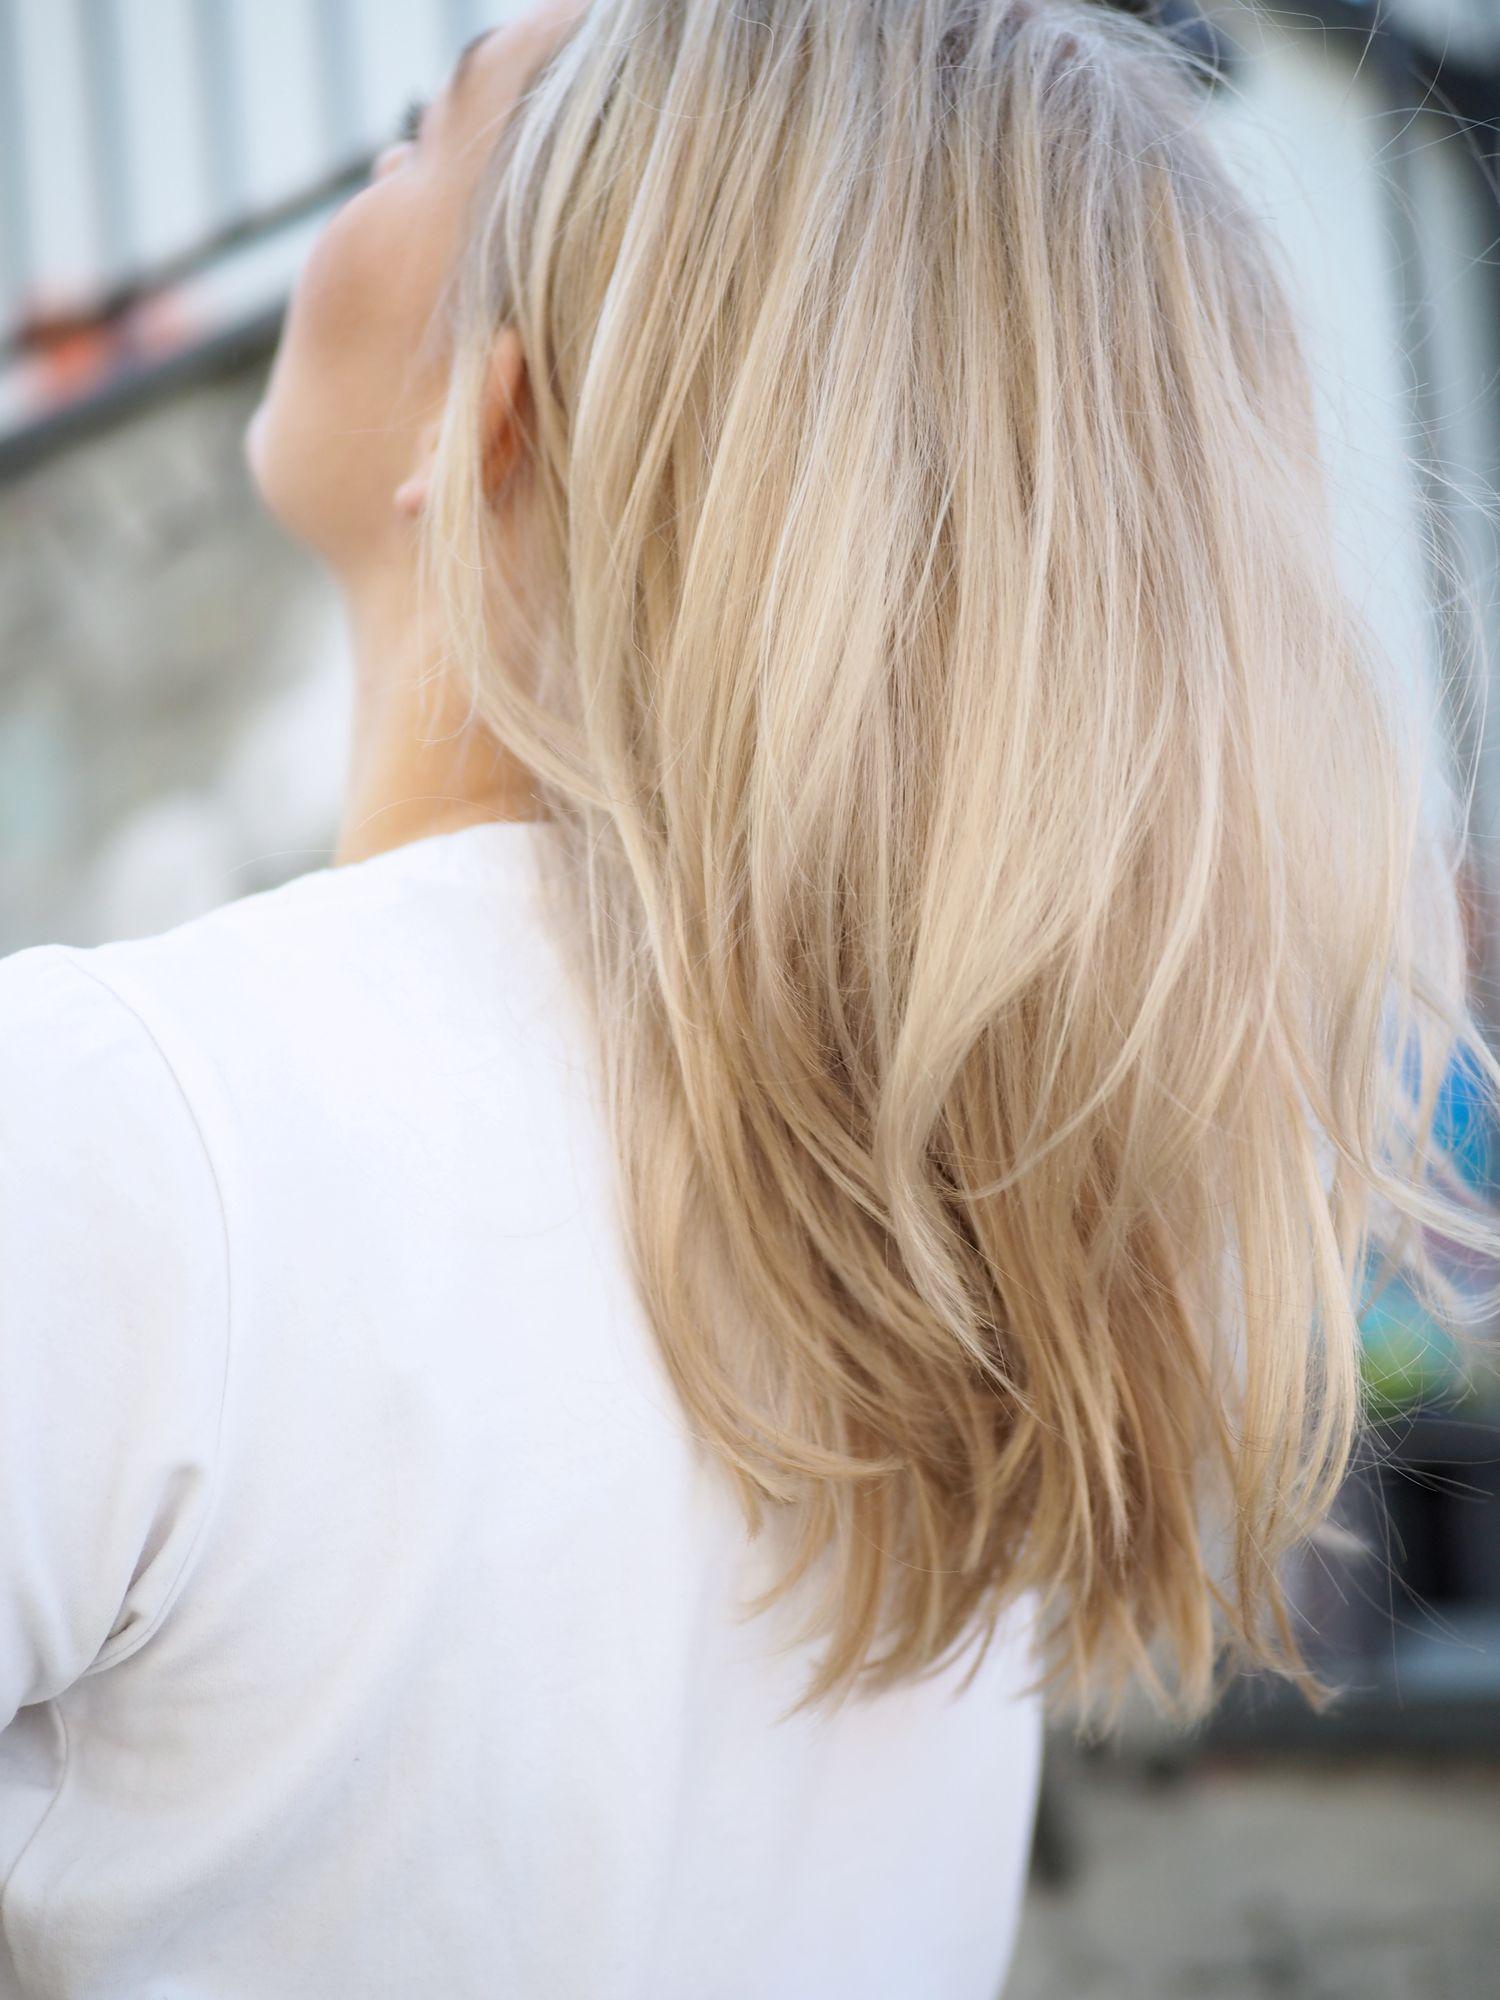 kuinka föönata hiukset